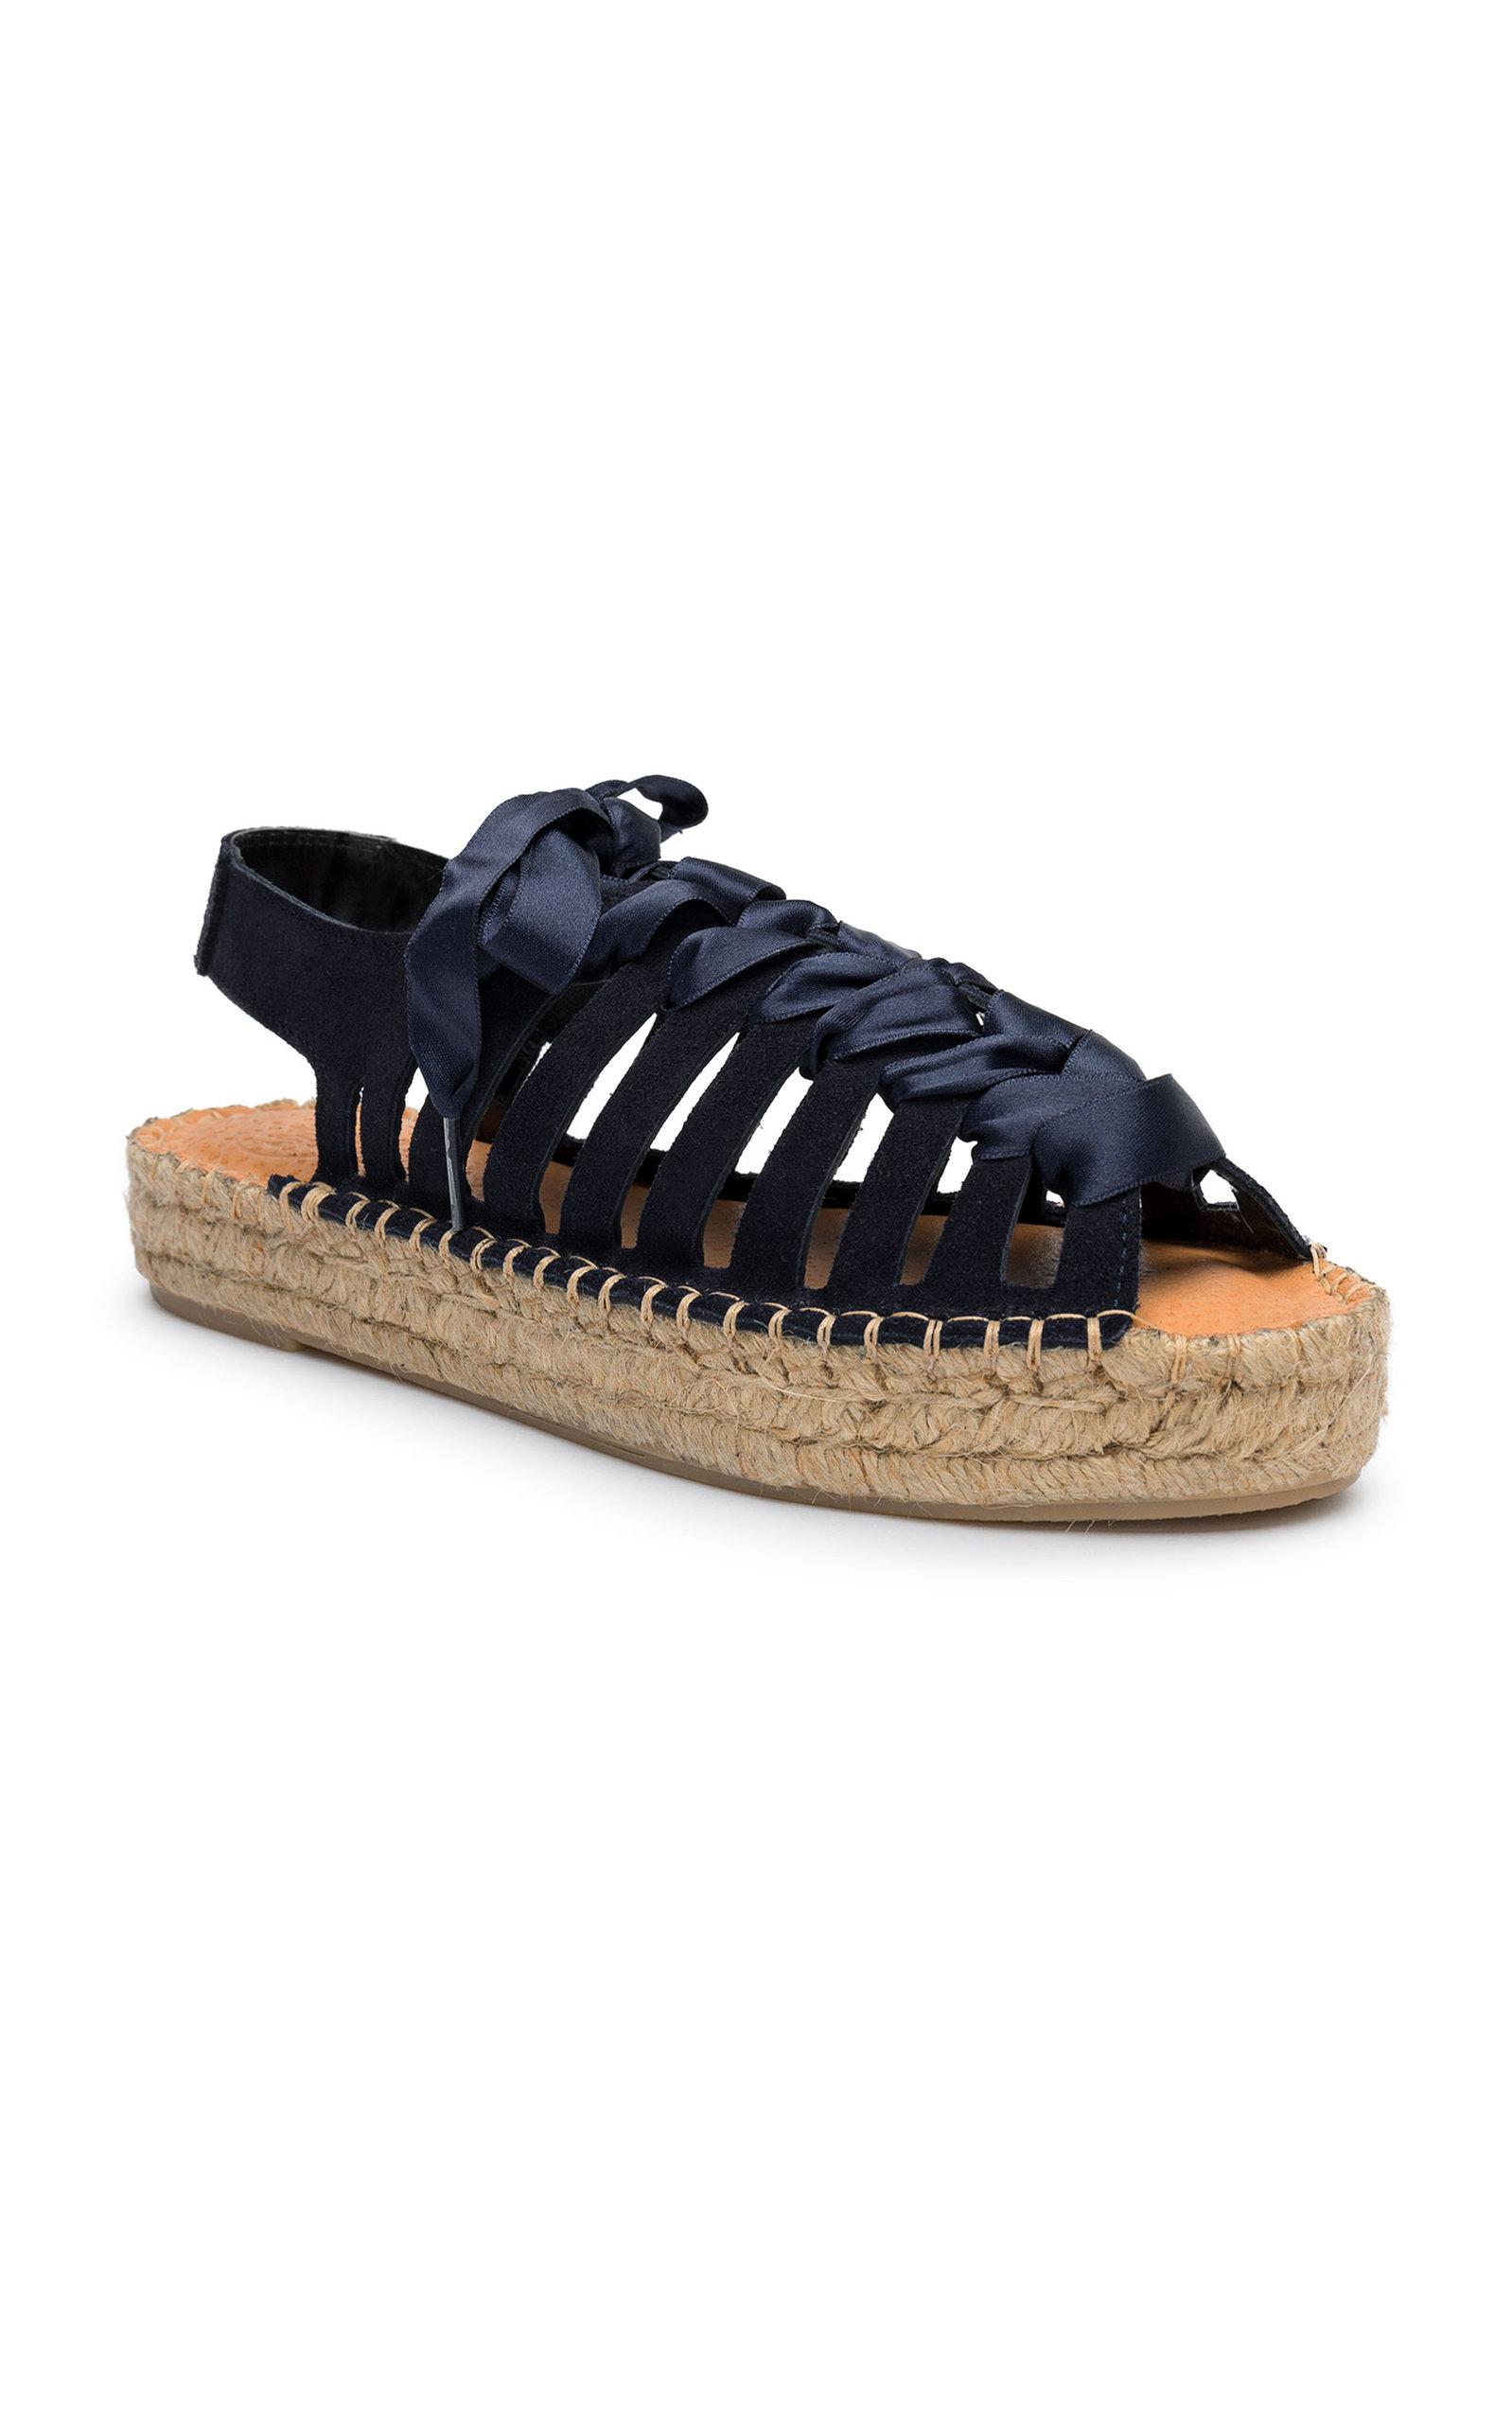 6ad46dd6c1ae Formentera Sandal by Alohas Sandals